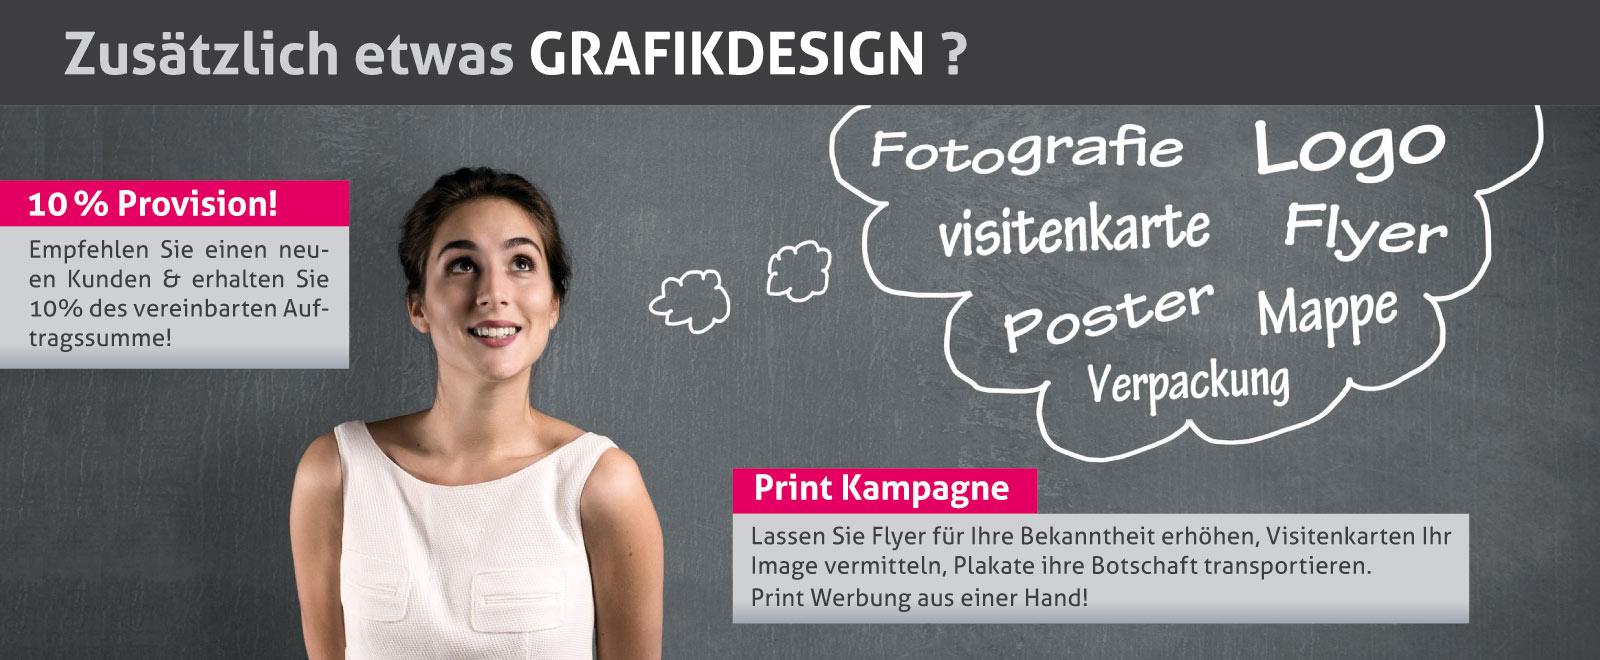 BK Grafik Flyer